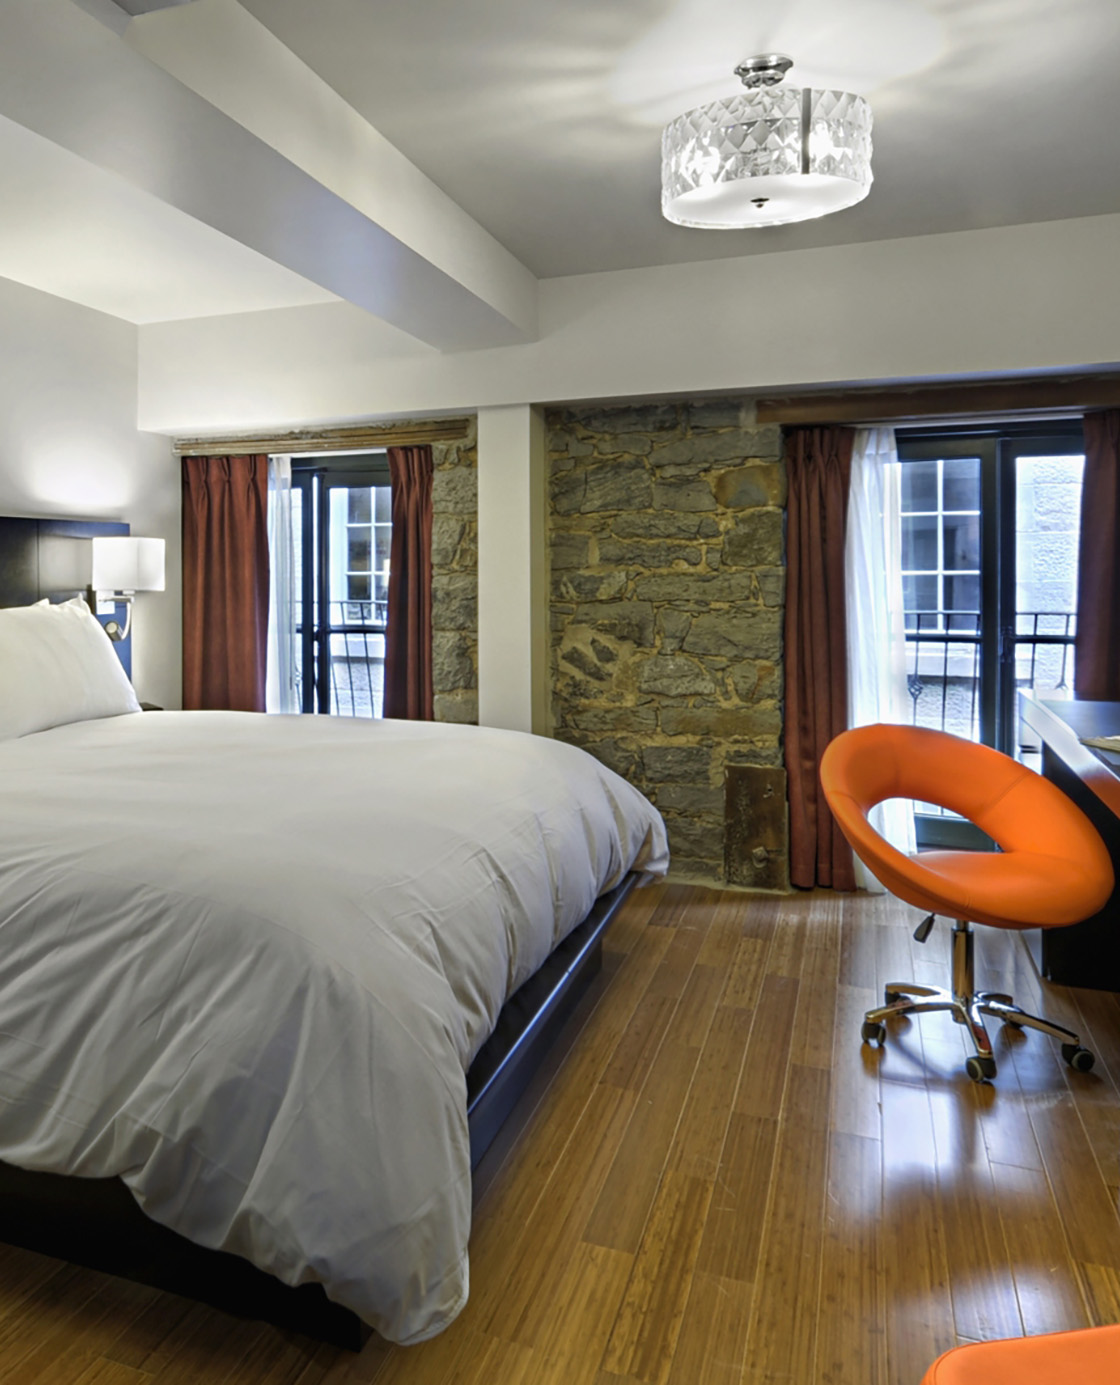 Un lit et un fauteuil orange avec une vue sur les fenêtres d'une des chambres du Petit Hôtel.